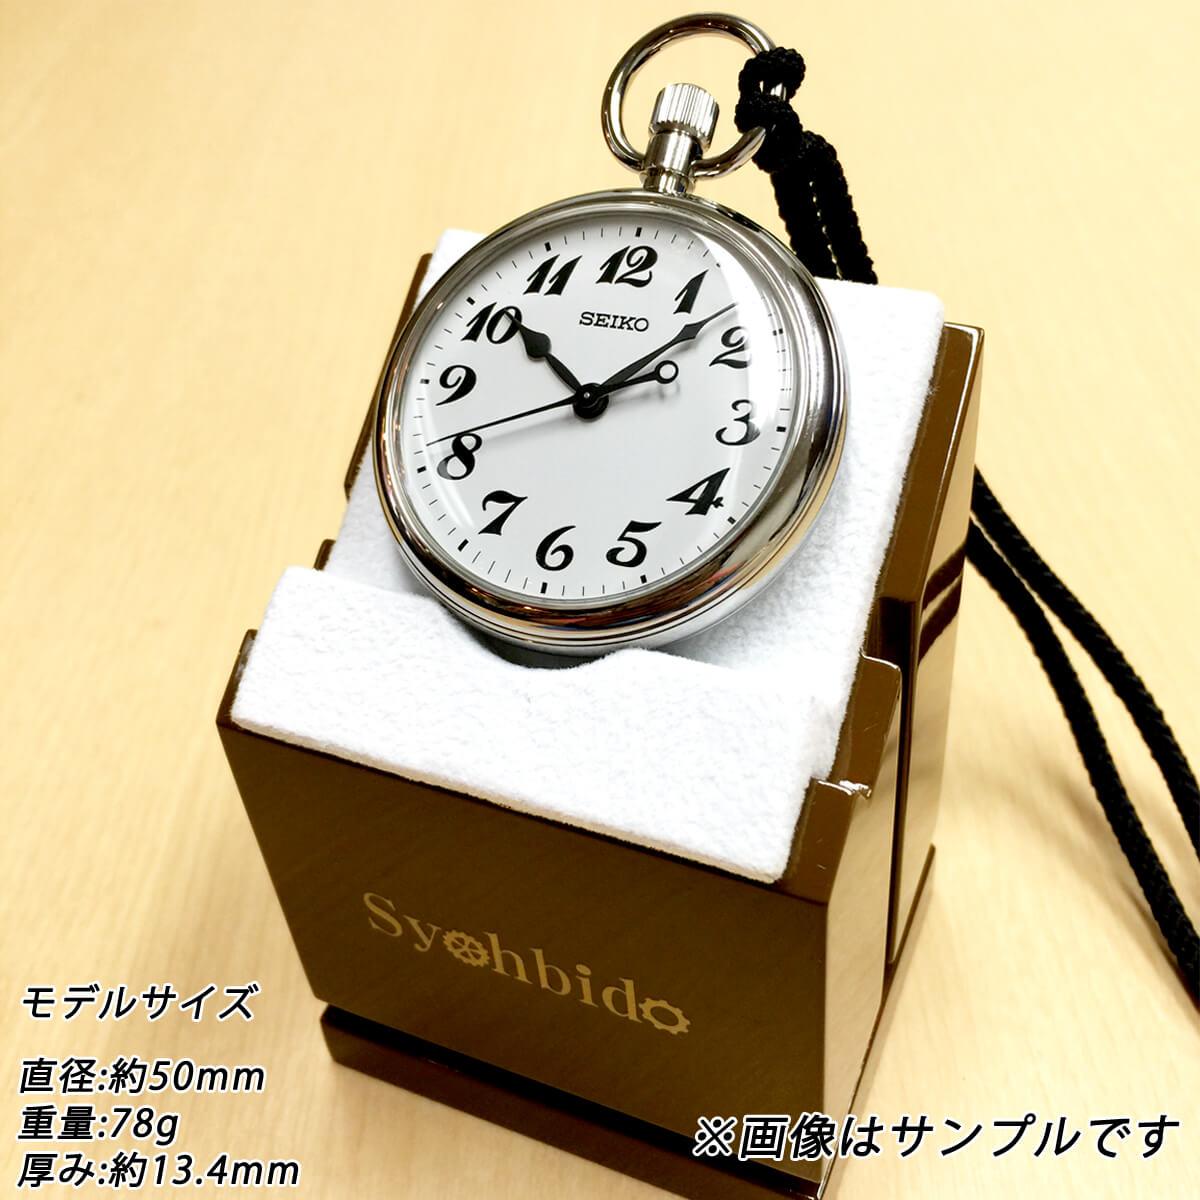 懐中時計を置いたイメージ セイコー seiko 鉄道時計 SVBR003